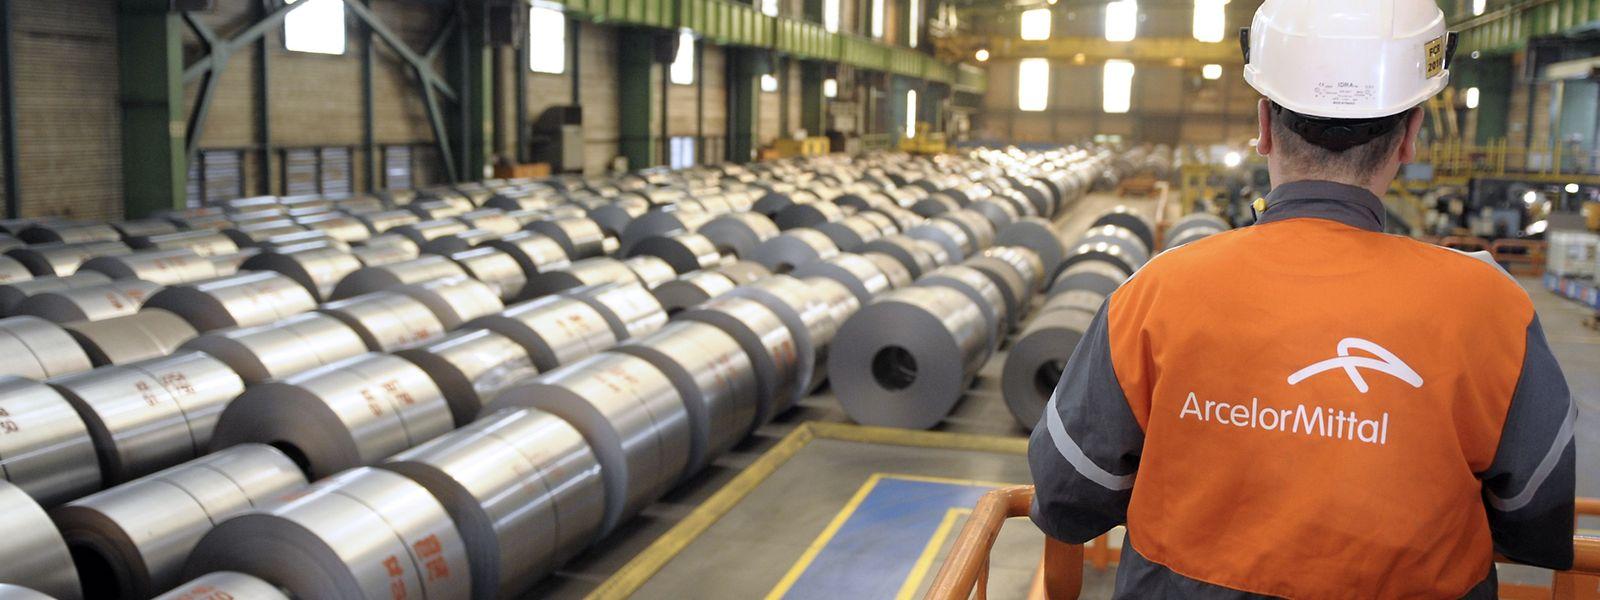 Les premiers signes indiquent que le ralentissement de la demande en acier pourrait se stabiliser en 2020